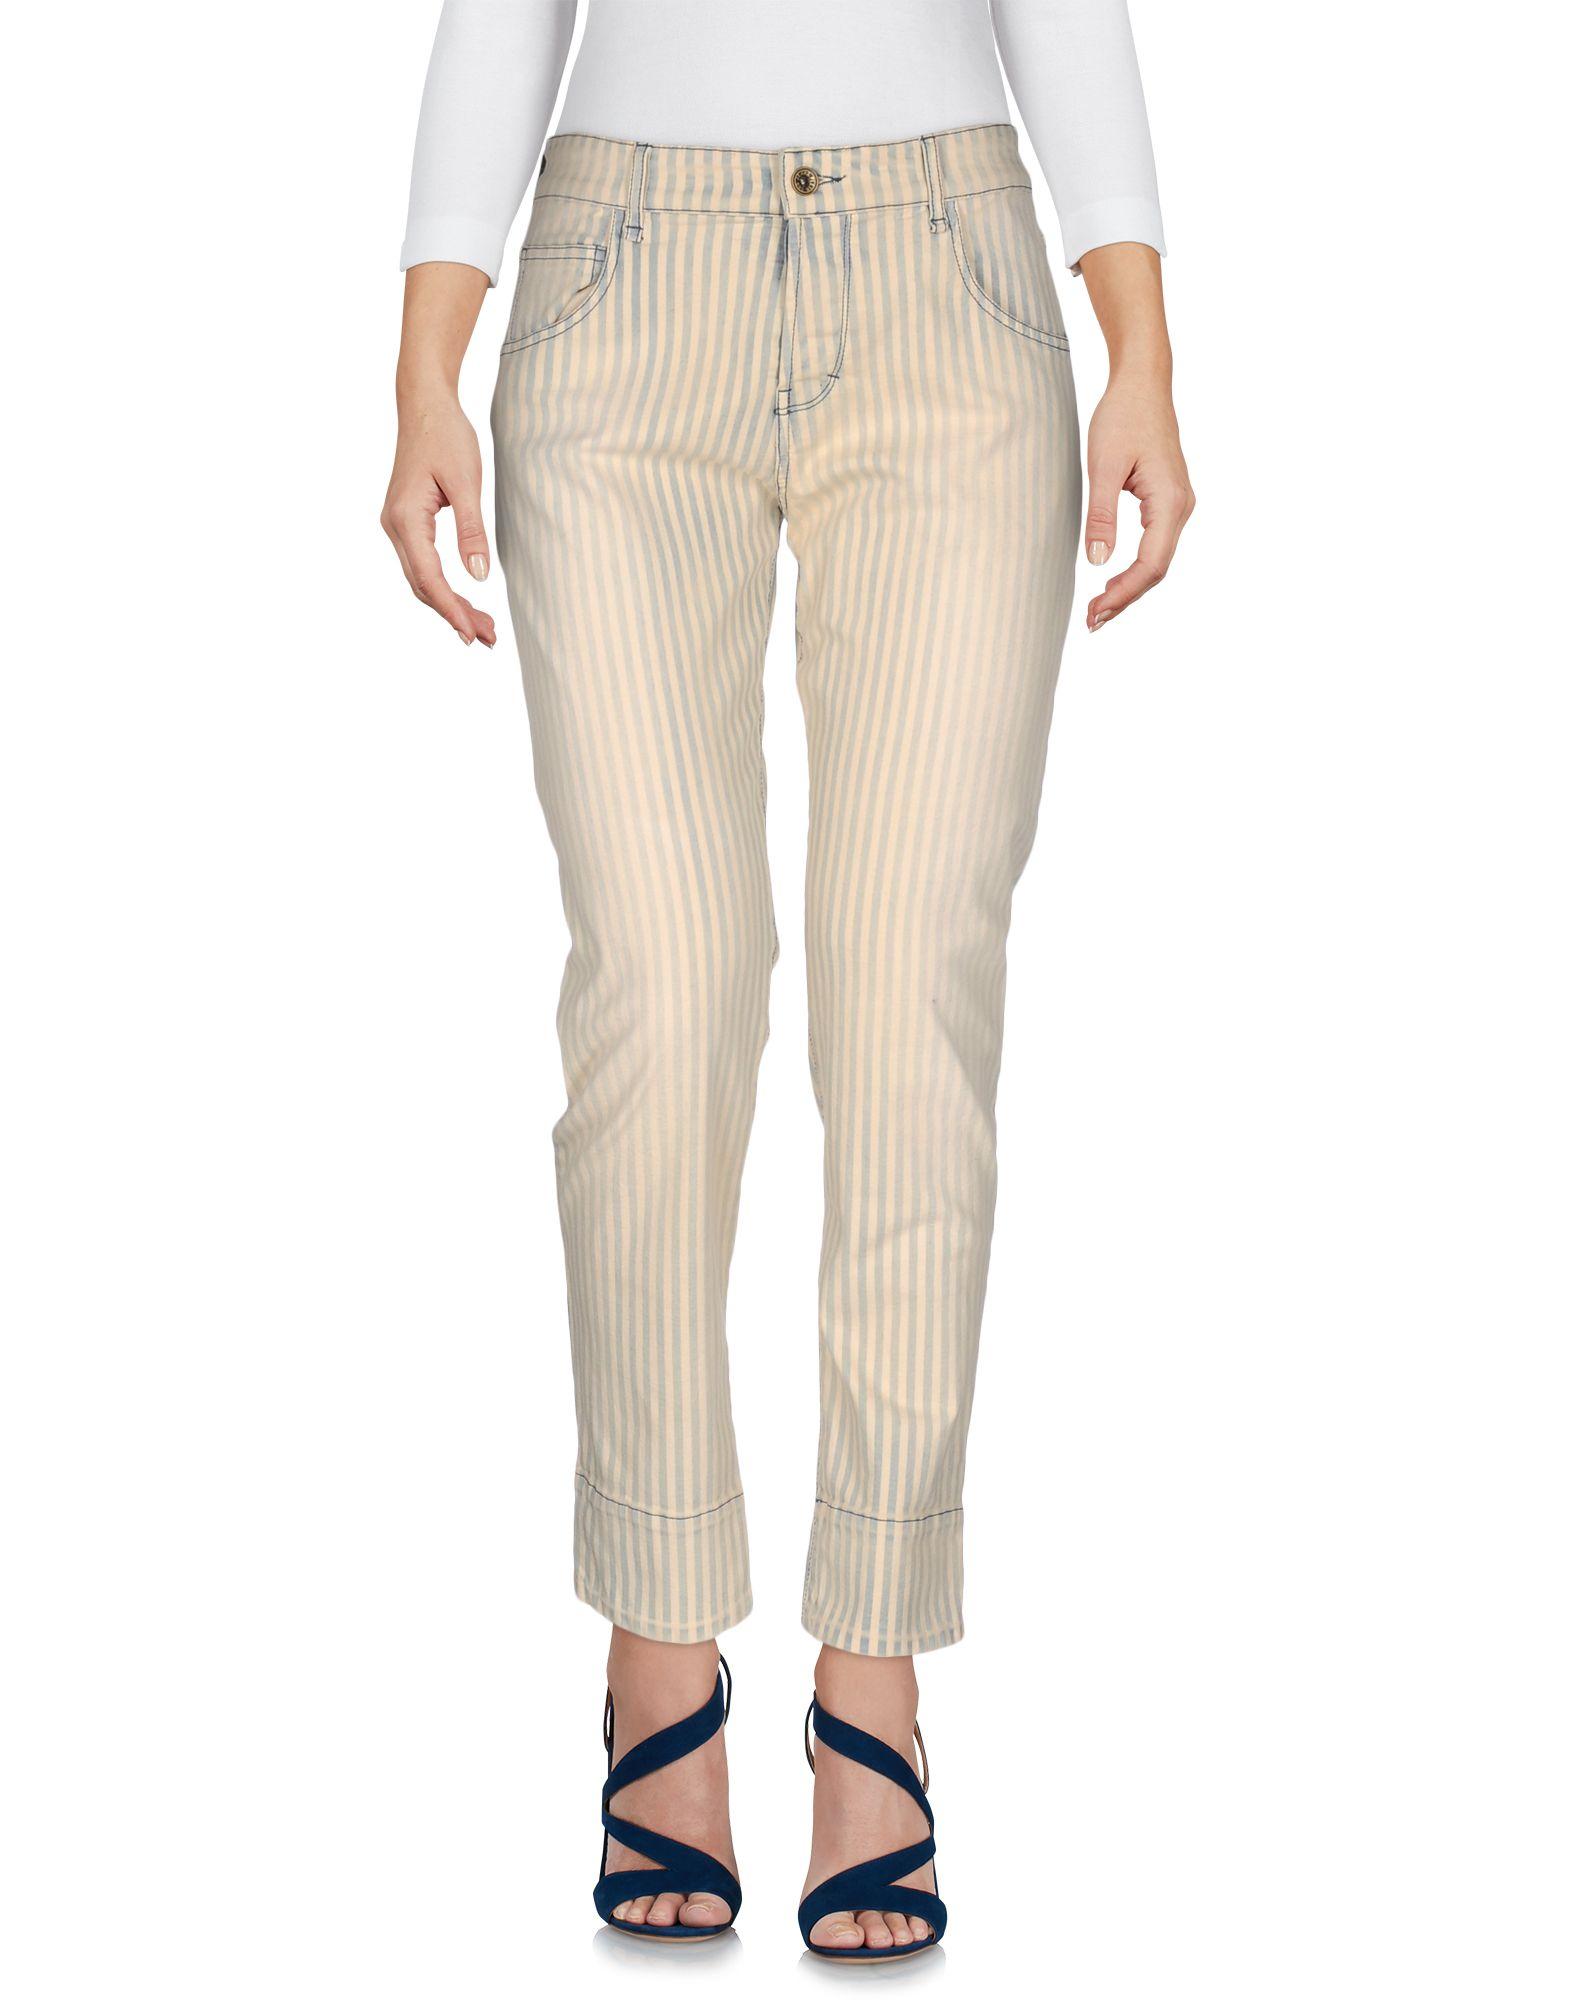 цены на PLEIN SUD JEANIUS Джинсовые брюки в интернет-магазинах